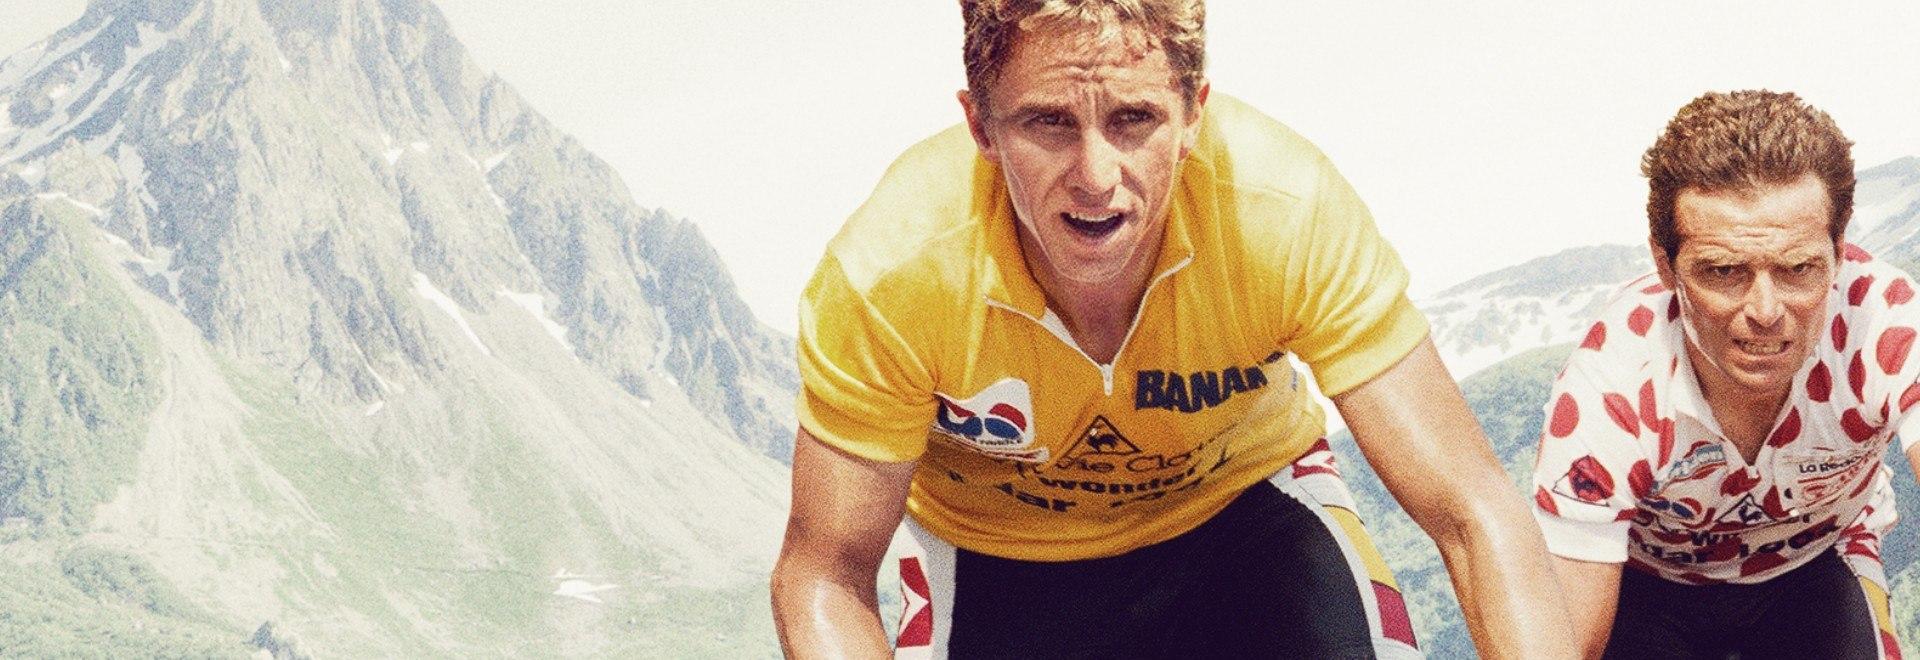 LeMond & Hinault